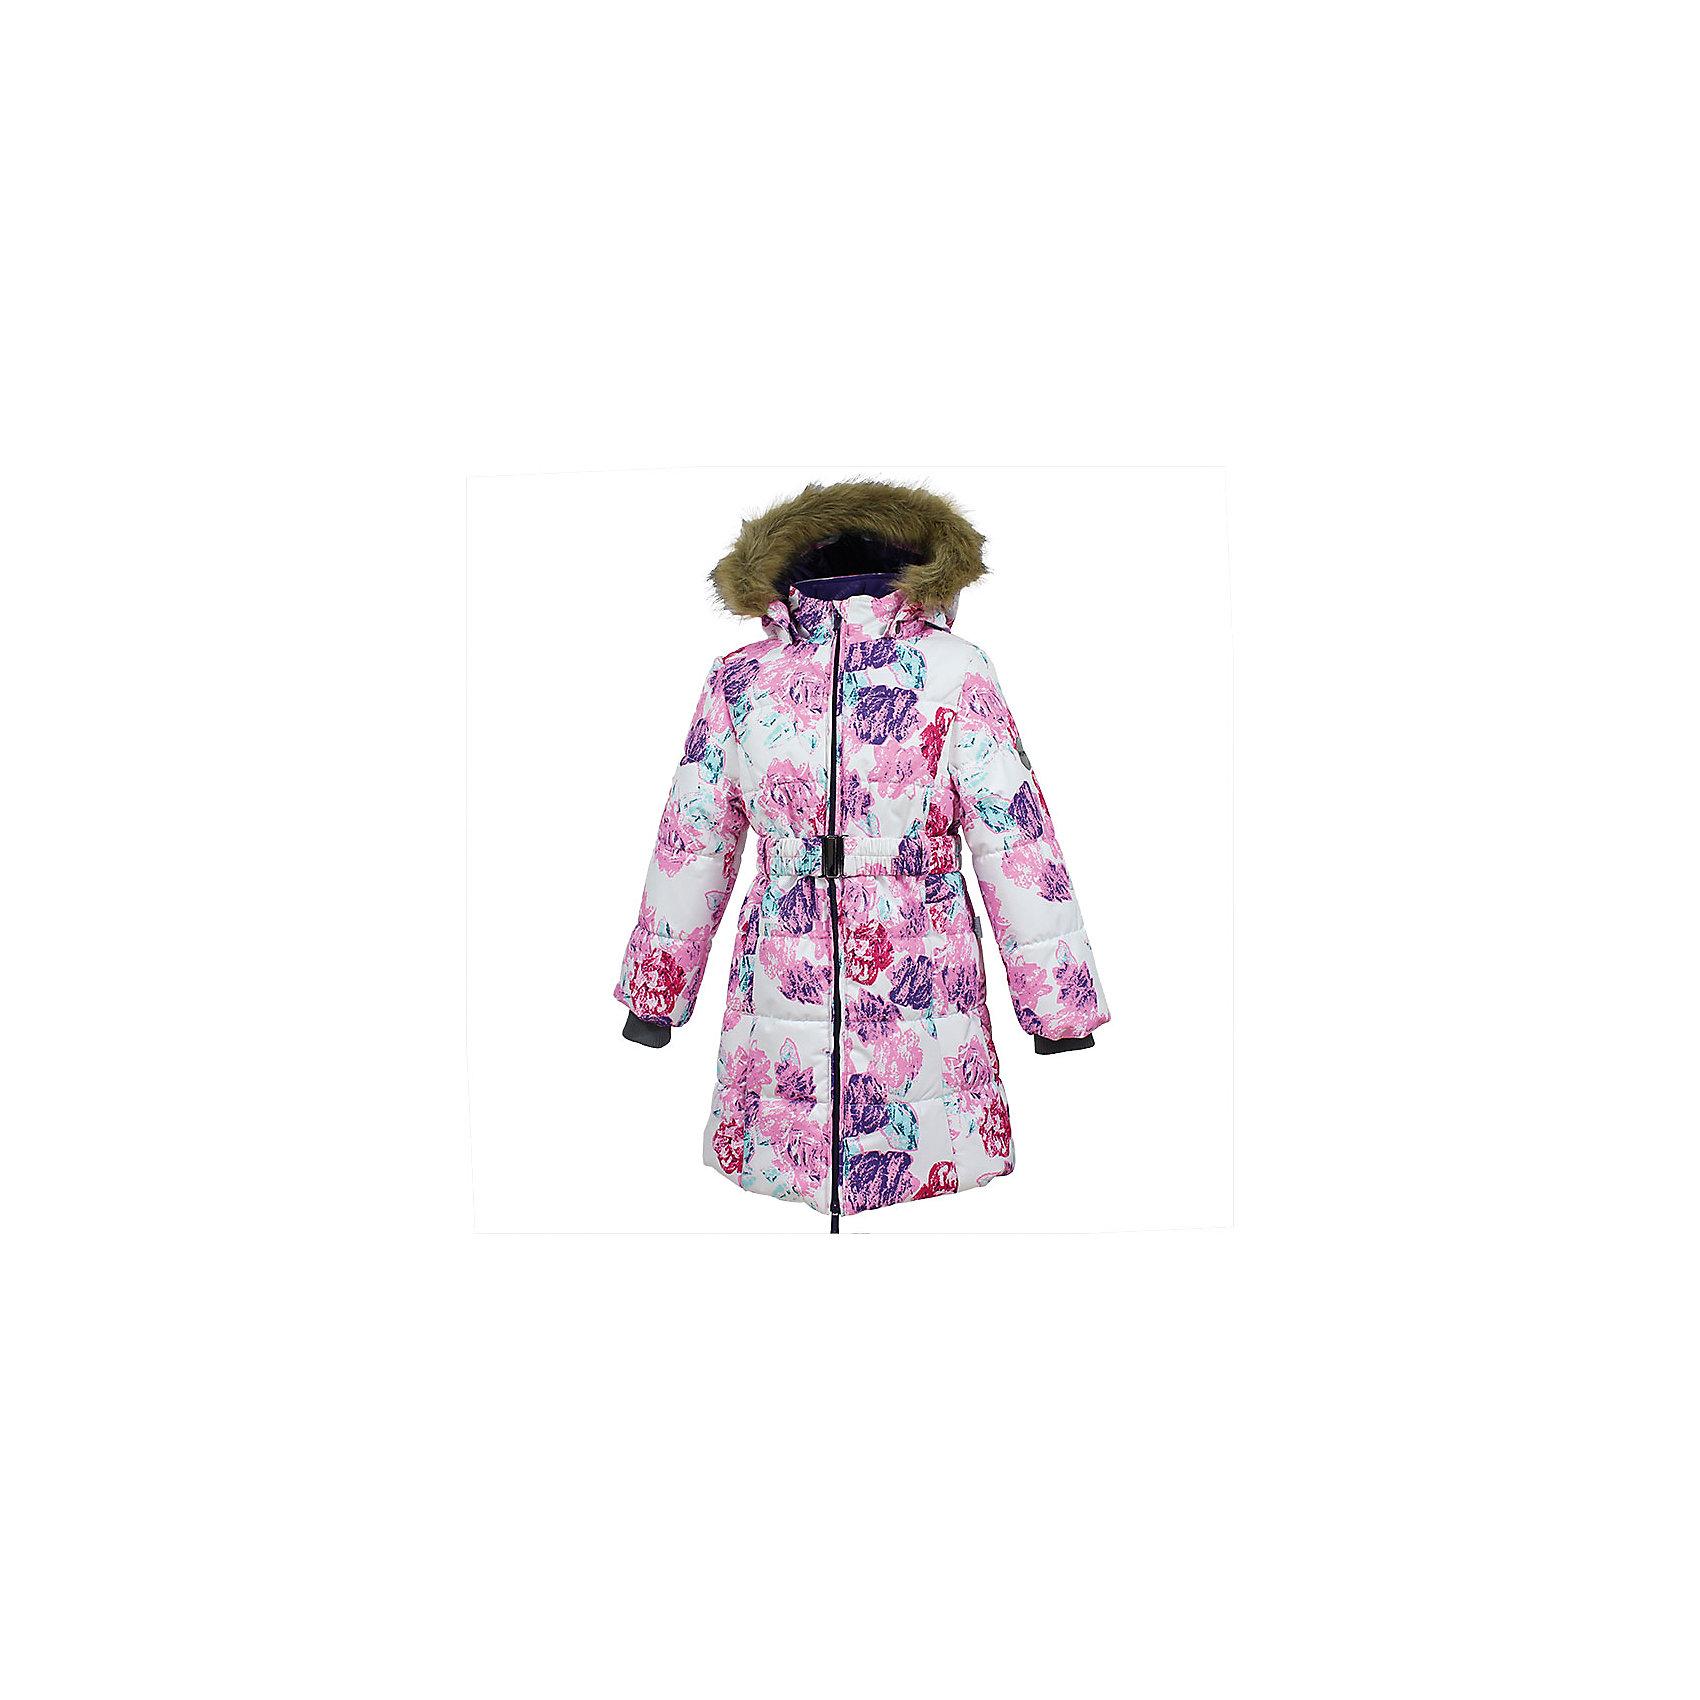 Пальто YACARANDA Huppa для девочкиЗимние куртки<br>Характеристики товара:<br><br>• цвет: бело-розовое;<br>• состав: 100% полиэстер;<br>• утеплитель: полиэстер 300 гр.;<br>• подкладка: тафта, флис;<br>• сезон: зима;<br>• температурный режим: от -5 до - 30С;<br>• водонепроницаемость: 10000 мм ;<br>• воздухопроницаемость:10000 г/м2/24ч;<br>• особенности модели: с мехом на капюшоне;<br>• трикотажные манжеты;<br>• безопасный капюшон крепится на кнопки и, при необходимости, отстегивается;<br>• мех на капюшоне не съемный;<br>• защита подбородка от защемления;<br>• светоотражающие элементы для безопасности ребенка;<br>• страна бренда: Финляндия;<br>• страна изготовитель: Эстония.<br><br>Теплое зимнее пальто для девочек. Это универсальная недорогая модель подойдет как для школы, так и для долгих зимних прогулок. Современный утеплитель HuppaTherm отлично греет даже при очень низких температурах а высококачественная мембрана не пропускает влагу, ветер и снег. <br><br>Приталенный силуэт подчеркнут поясом на застежке. На рукавах есть внутренние манжеты из трикотажа, которые плотно облегают запястья для дополнительного тепла и защиты от продувания. Капюшон на кнопках дополнен опушкой из искусственного меха.<br><br>Функциональные элементы: капюшон отстегивается с помощью кнопок, мех не отстегивается, защита подбородка от защемления, карманы без застежек, трикотажные манжеты, светоотражающие элементы. <br><br>Зимнее пальто Yacaranda для девочки фирмы HUPPA  можно купить в нашем интернет-магазине.<br><br>Ширина мм: 356<br>Глубина мм: 10<br>Высота мм: 245<br>Вес г: 519<br>Цвет: белый<br>Возраст от месяцев: 168<br>Возраст до месяцев: 180<br>Пол: Женский<br>Возраст: Детский<br>Размер: 170,134,140,146,152,158,164,104,110,116,122,128<br>SKU: 7027453